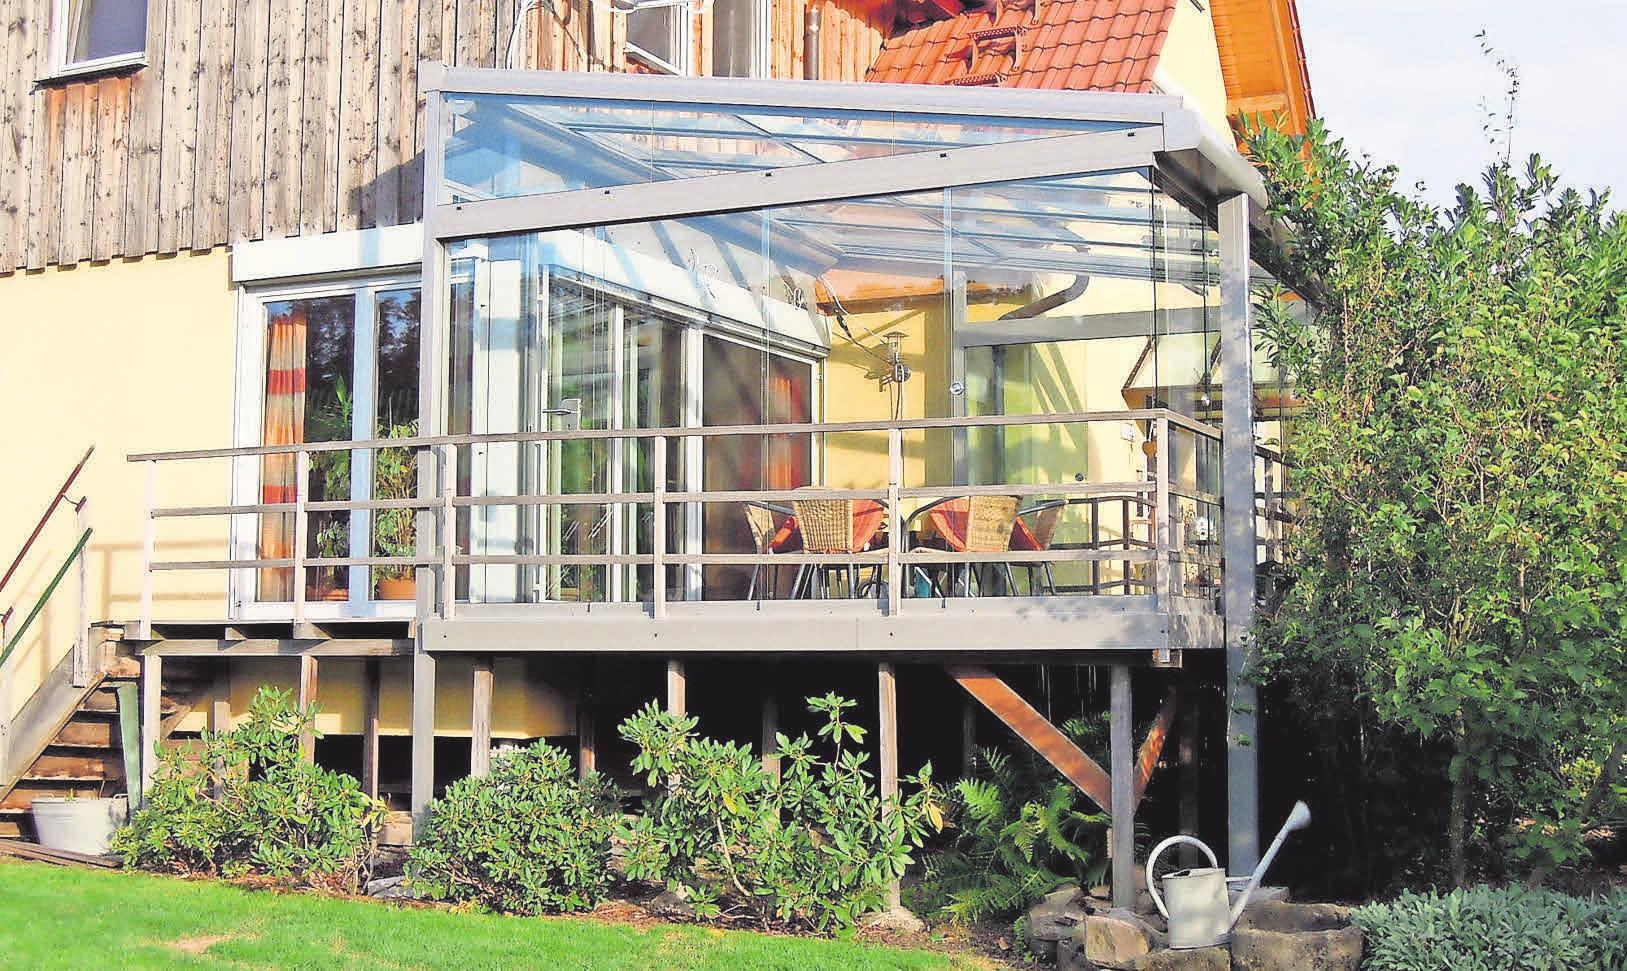 Ein Sommerdach bietet unbegrenzte Gestaltungsmöglichkeiten und einen wettergeschützten Platz im Freien.